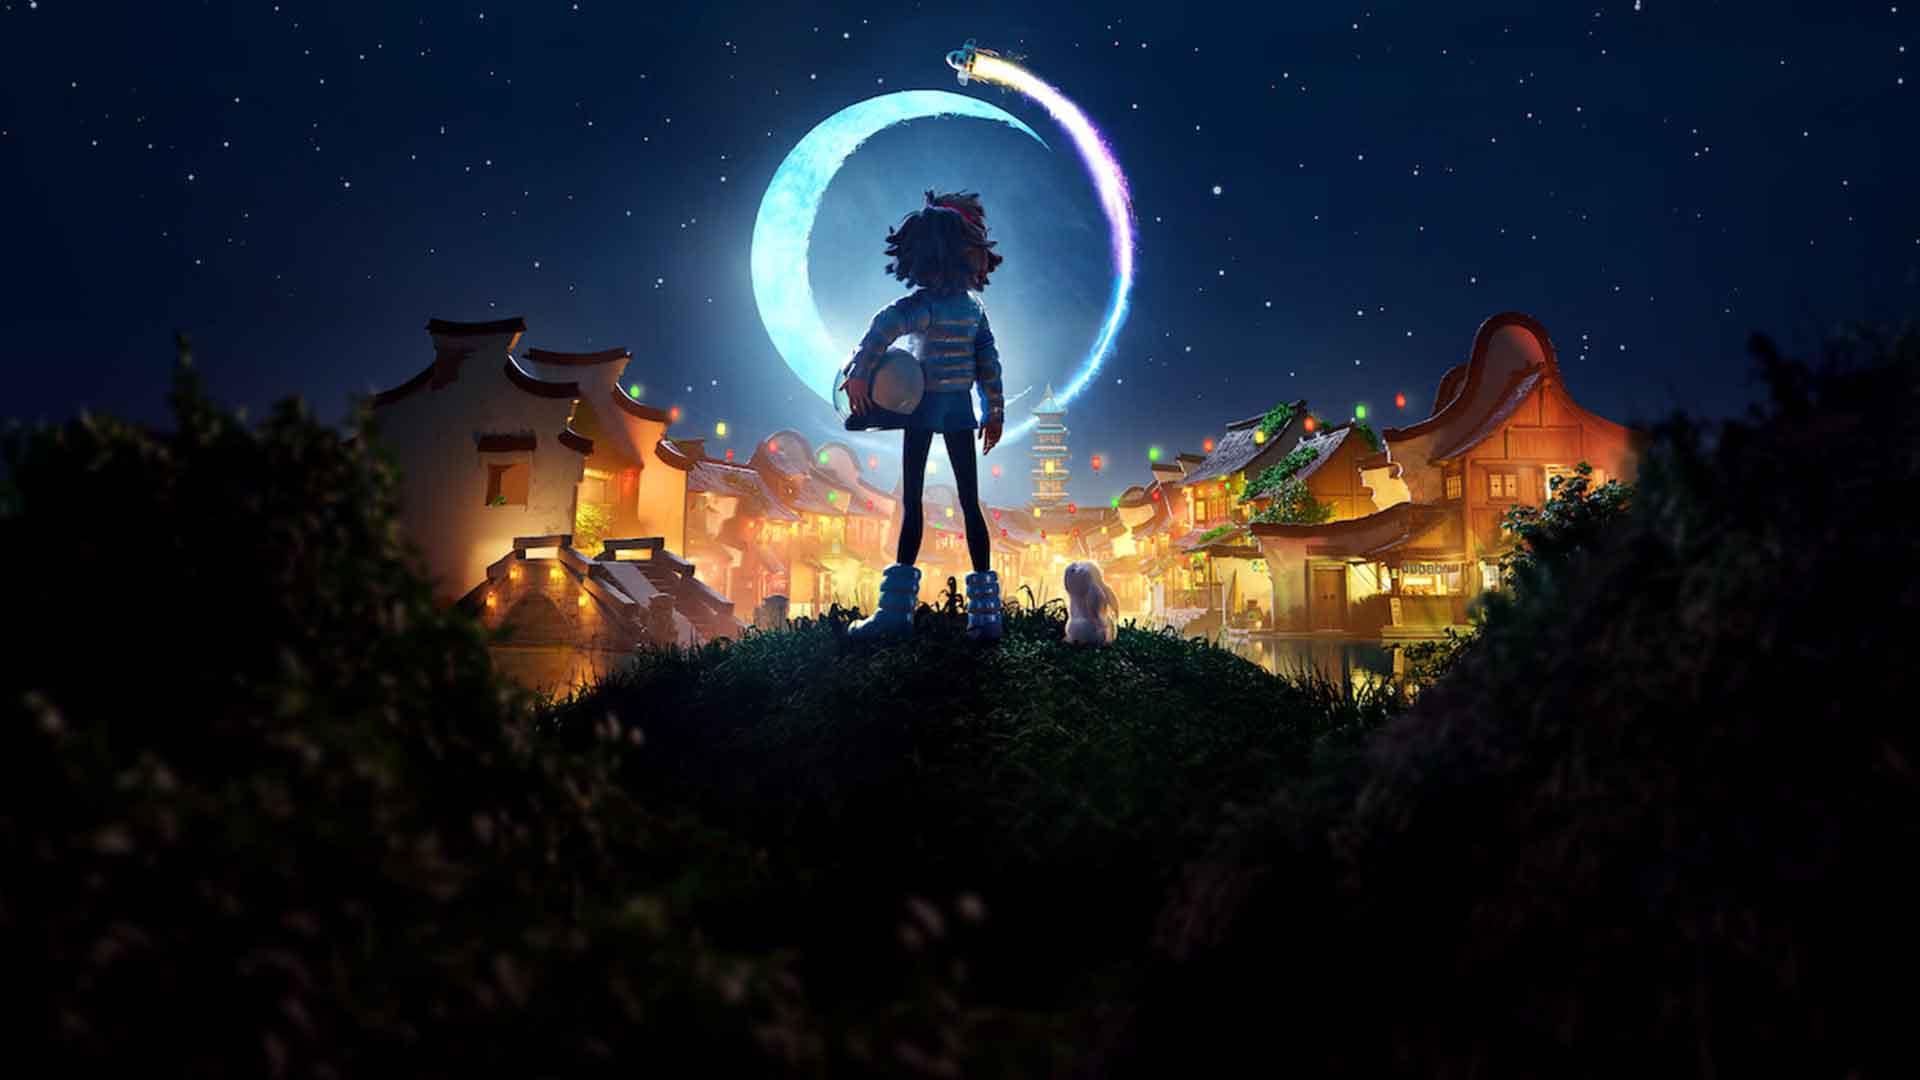 نقد بررسی انیمیشن روی ماه Over the Moon 2020